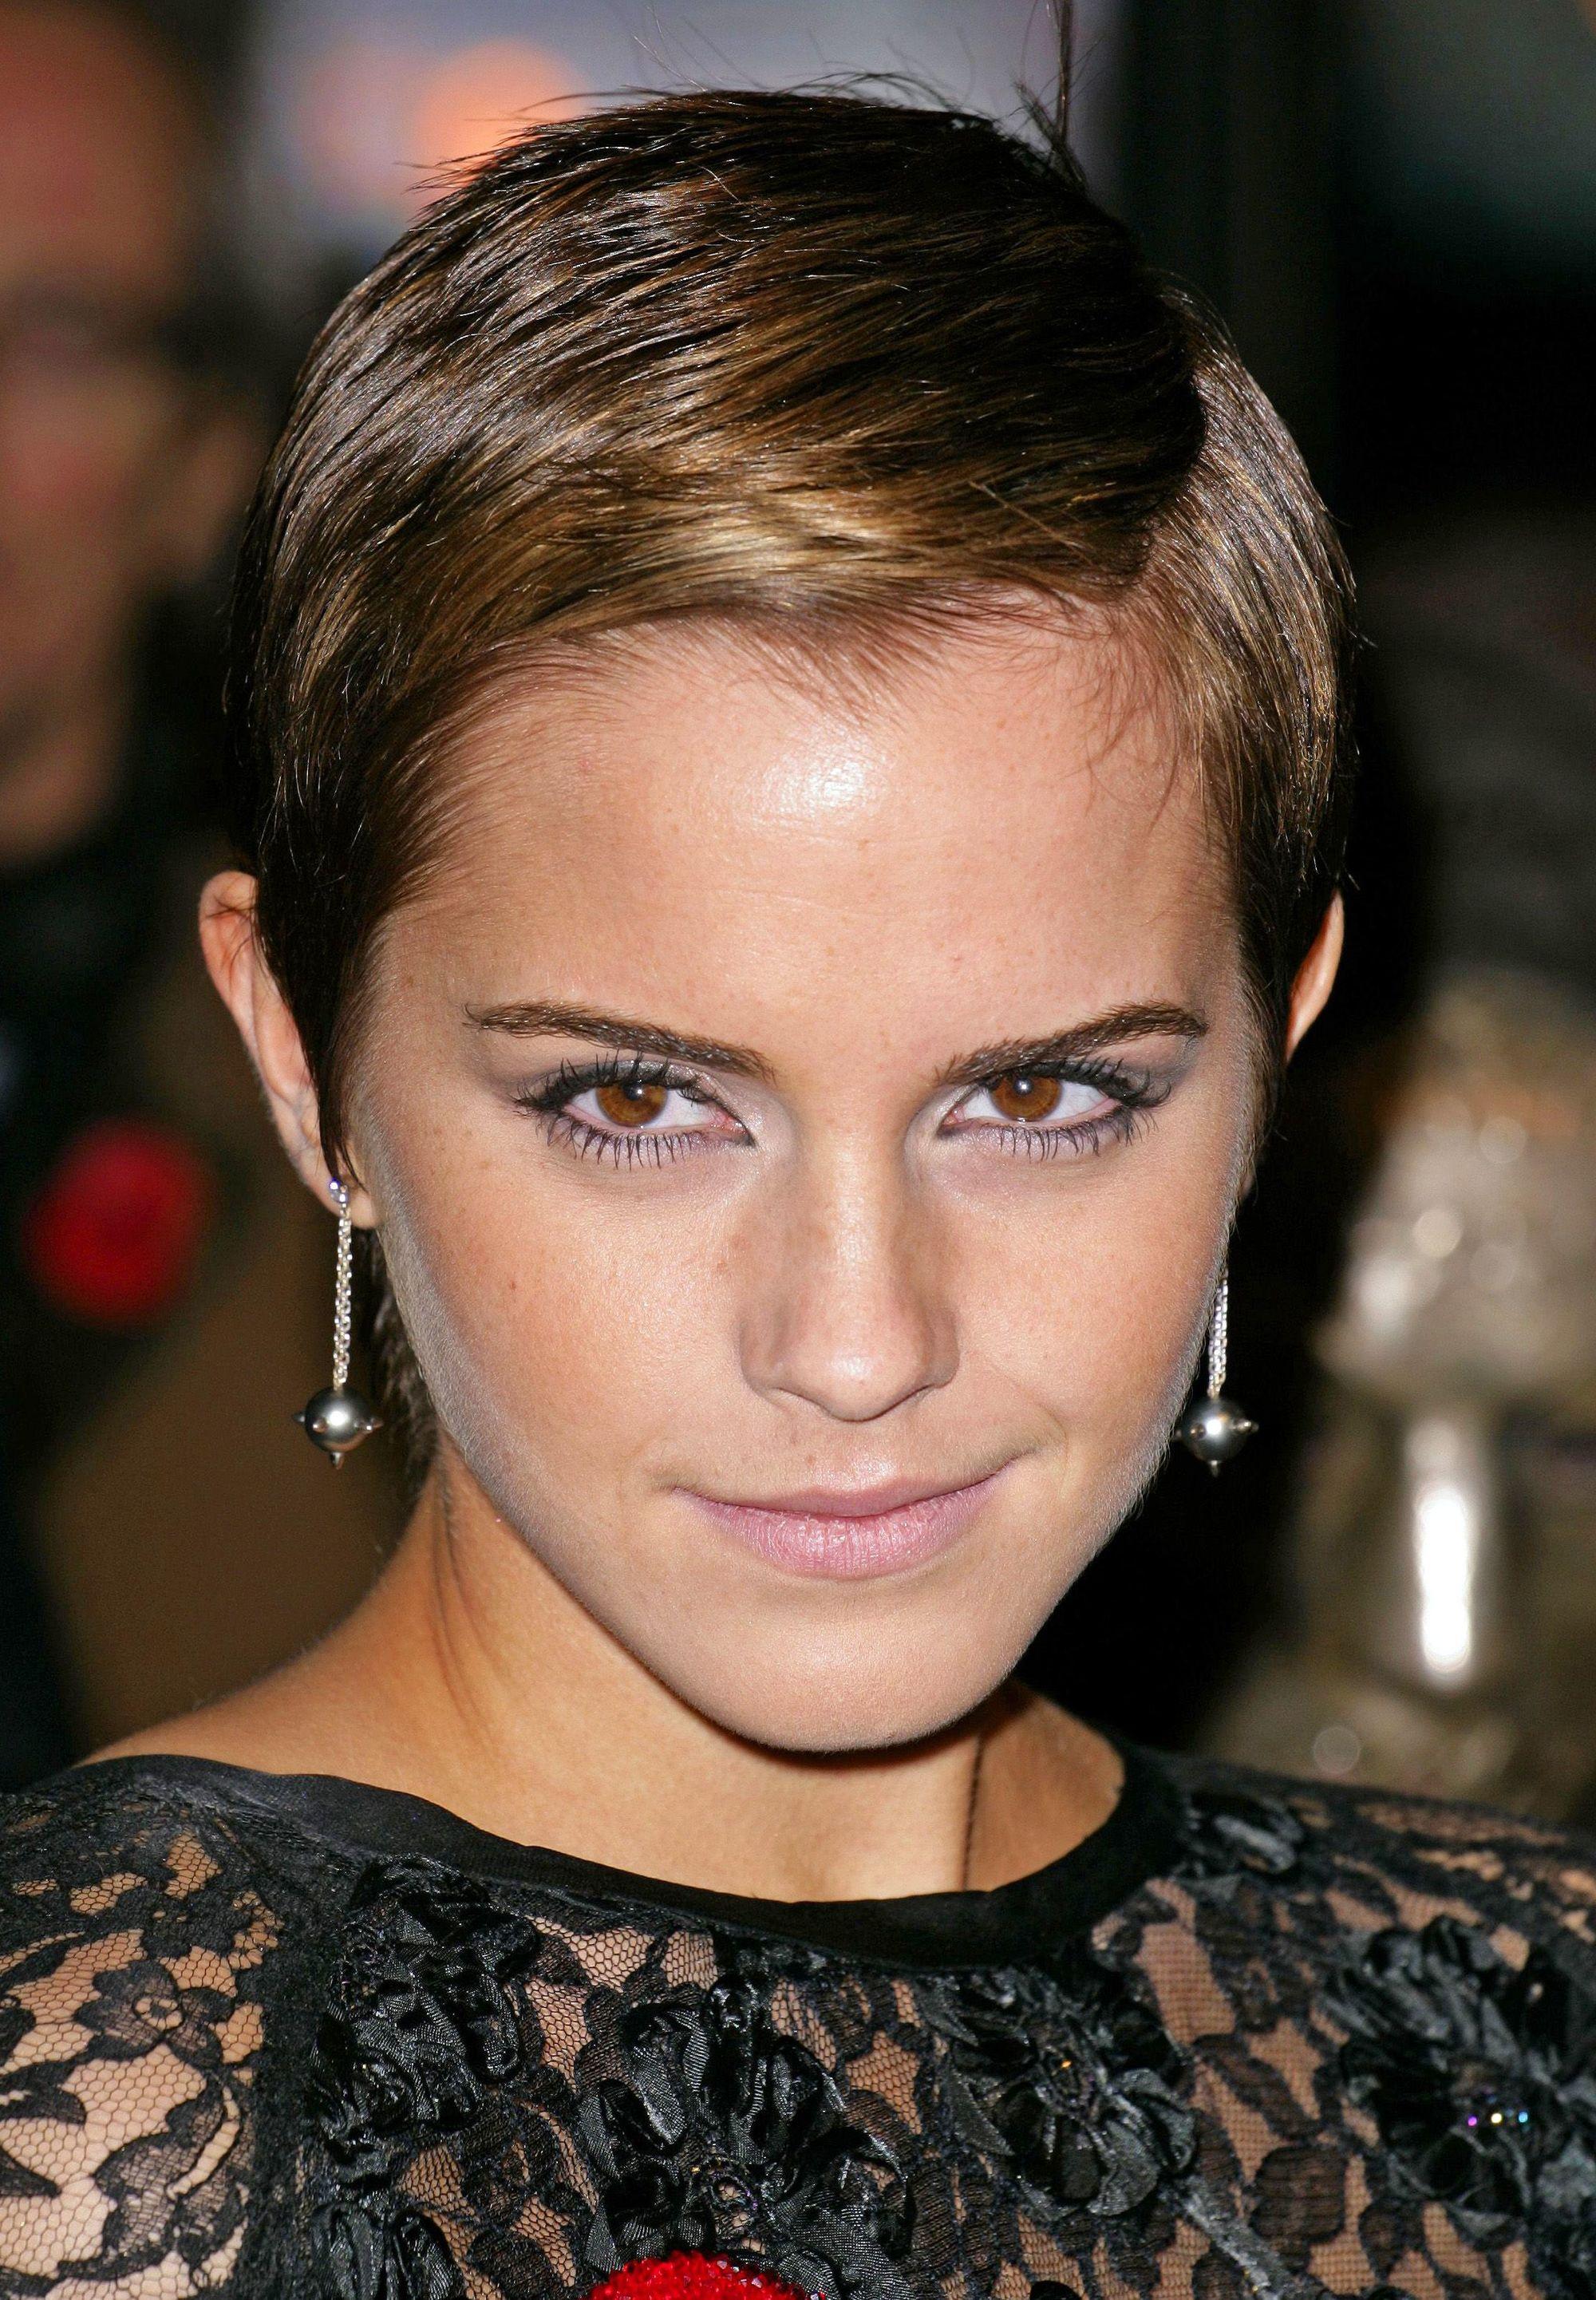 Emma Watson blonde hair in pixie crop